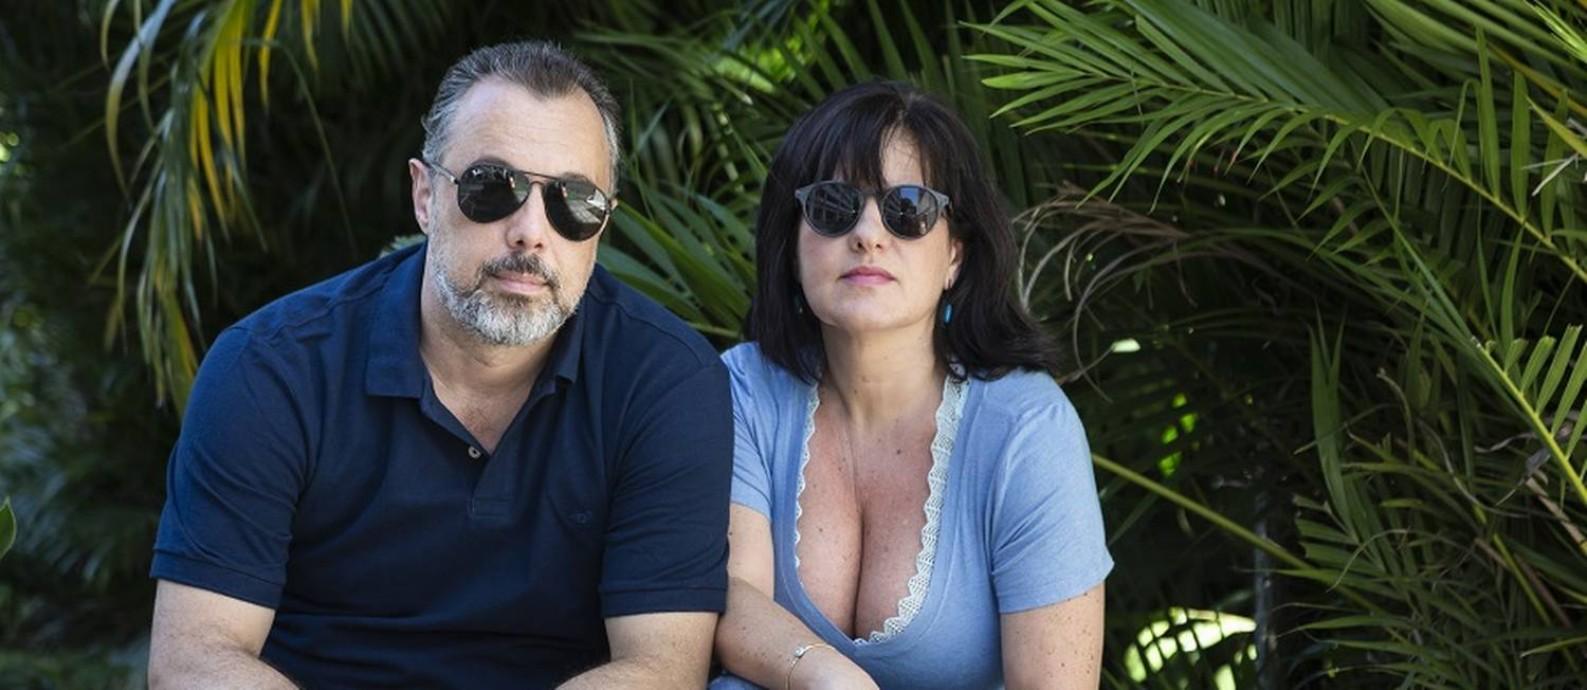 Alexandra Visconti e Eduardo Mello não compram roupas novas Foto: Leo Martins / Agência O Globo